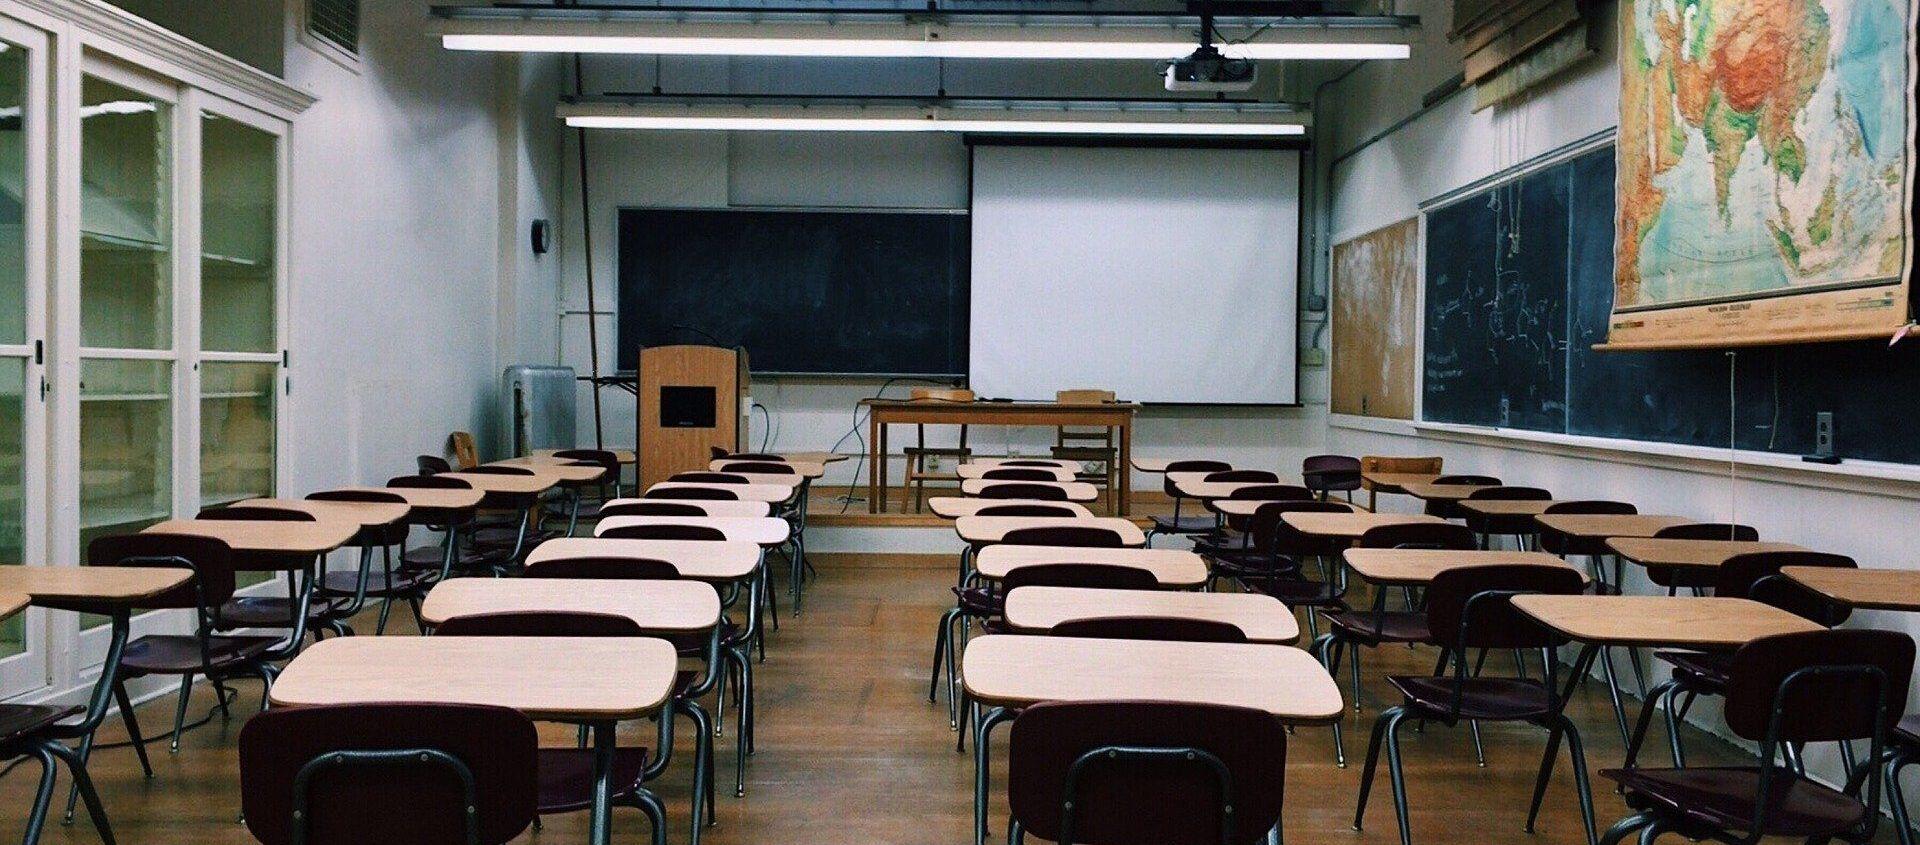 საკლასო ოთახი - Sputnik საქართველო, 1920, 25.02.2021